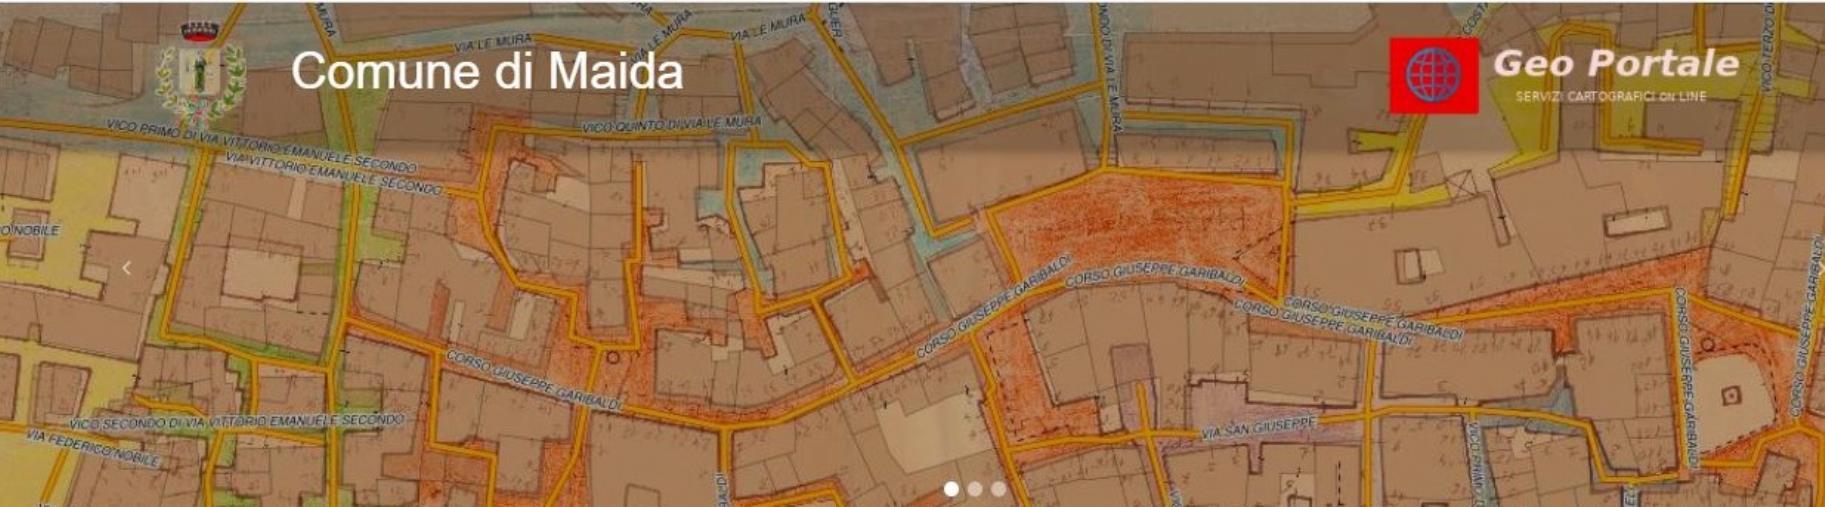 images Maida: attivato il nuovo GeoPortale cartografico del Comune per la consultazione libera di dati territoriali